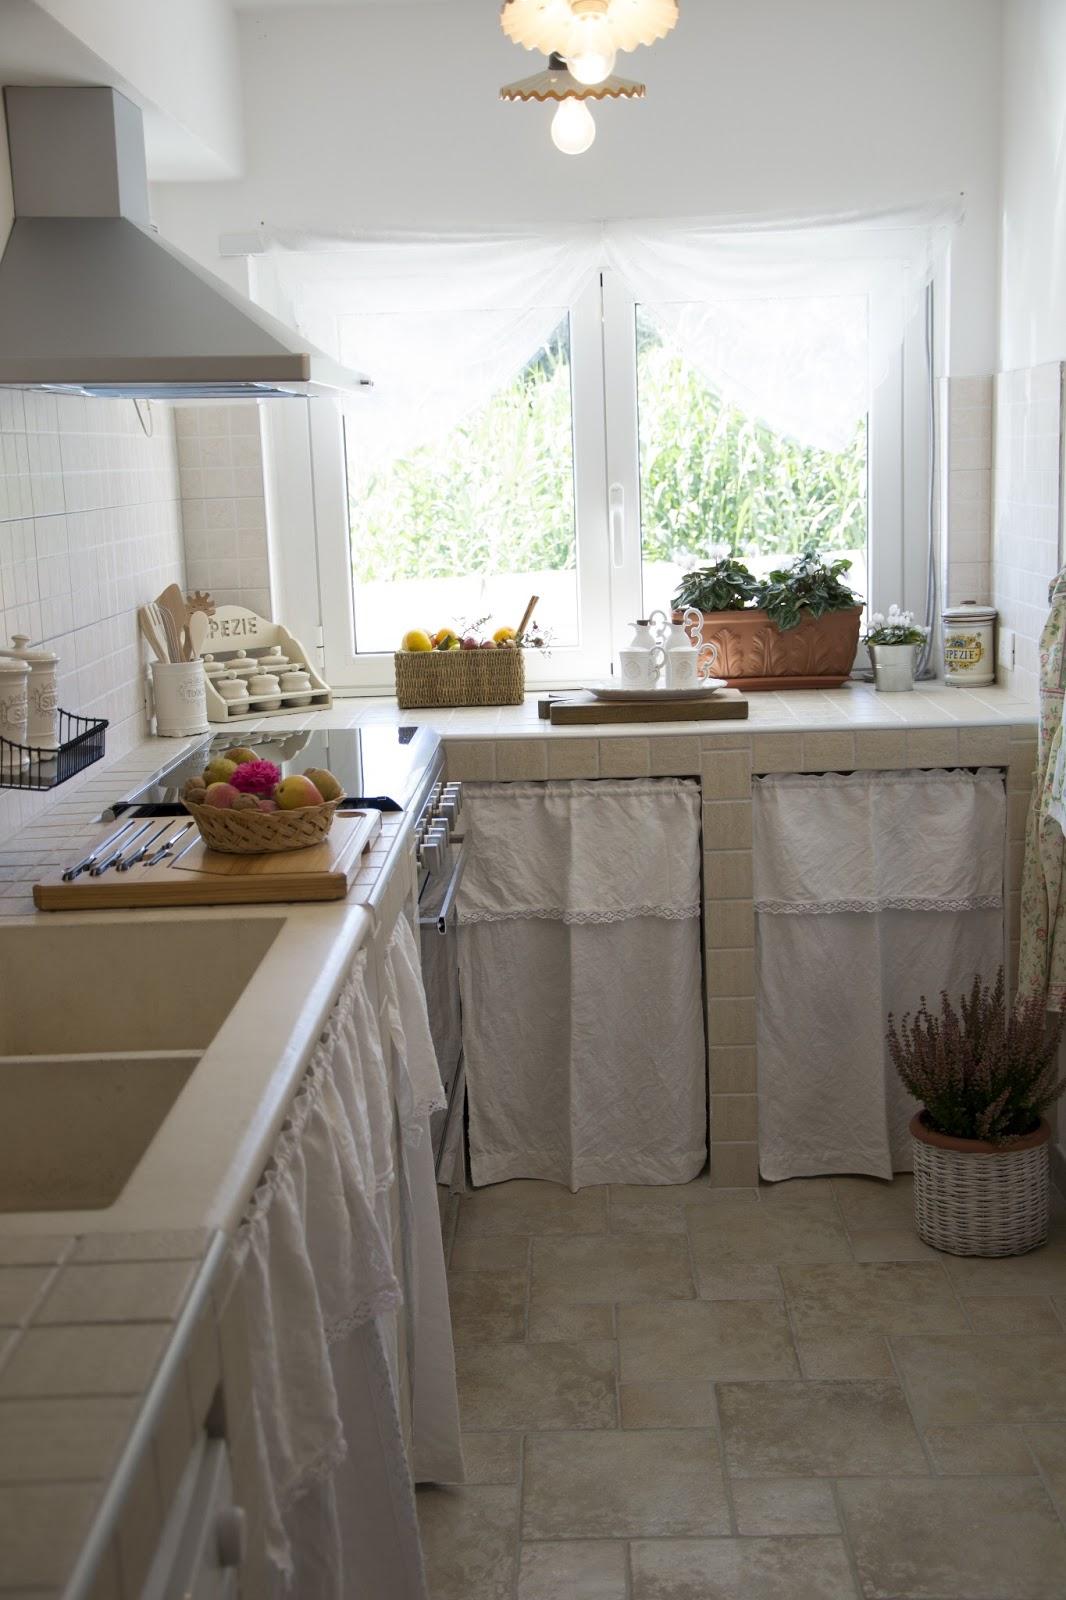 Shabbychiclife tour della mia casa parte ii - Cucine per tavernette ...